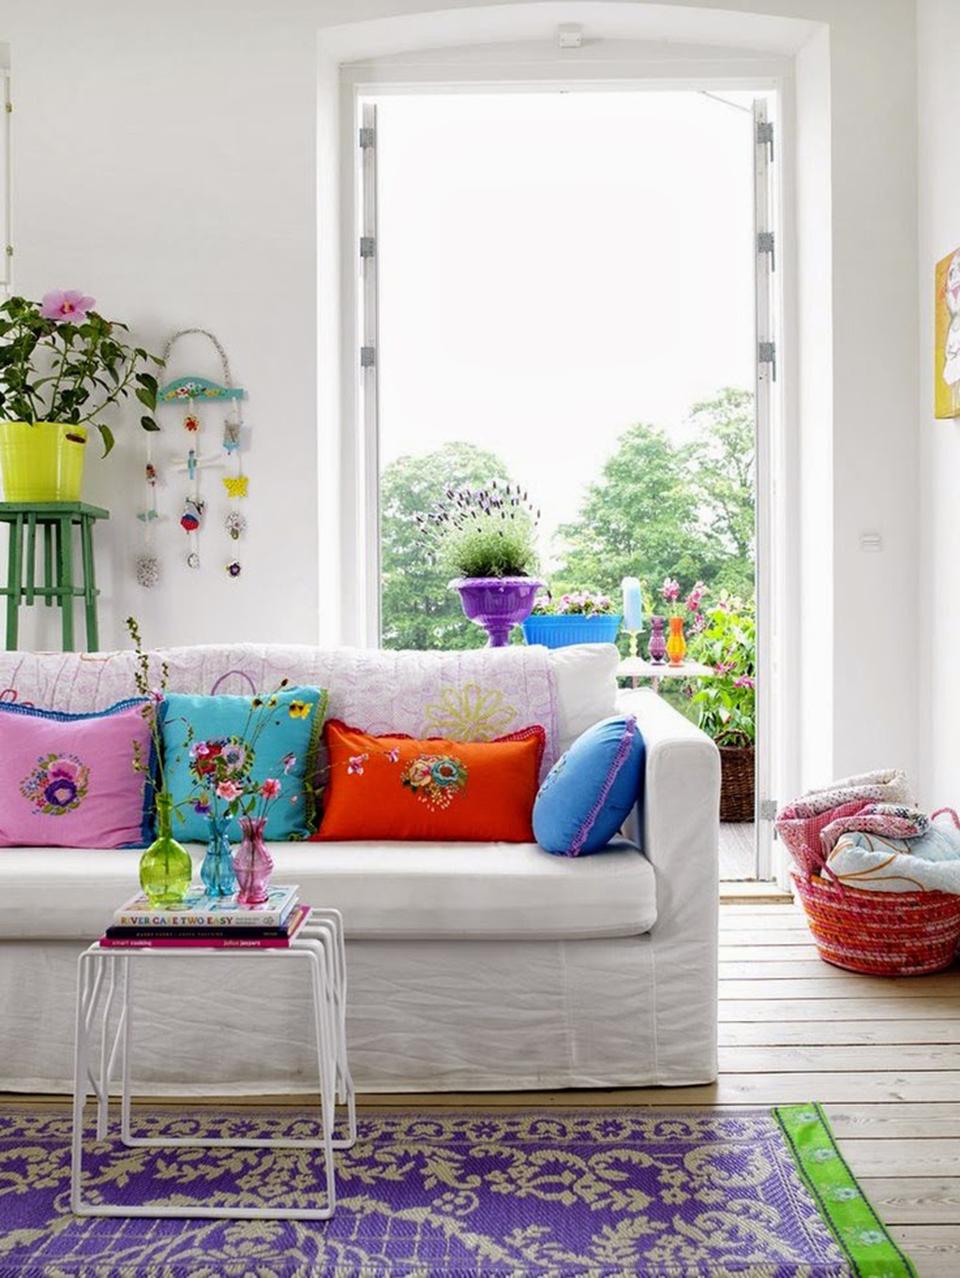 cores-verao-moveis-paredes-casa-decoracao-7